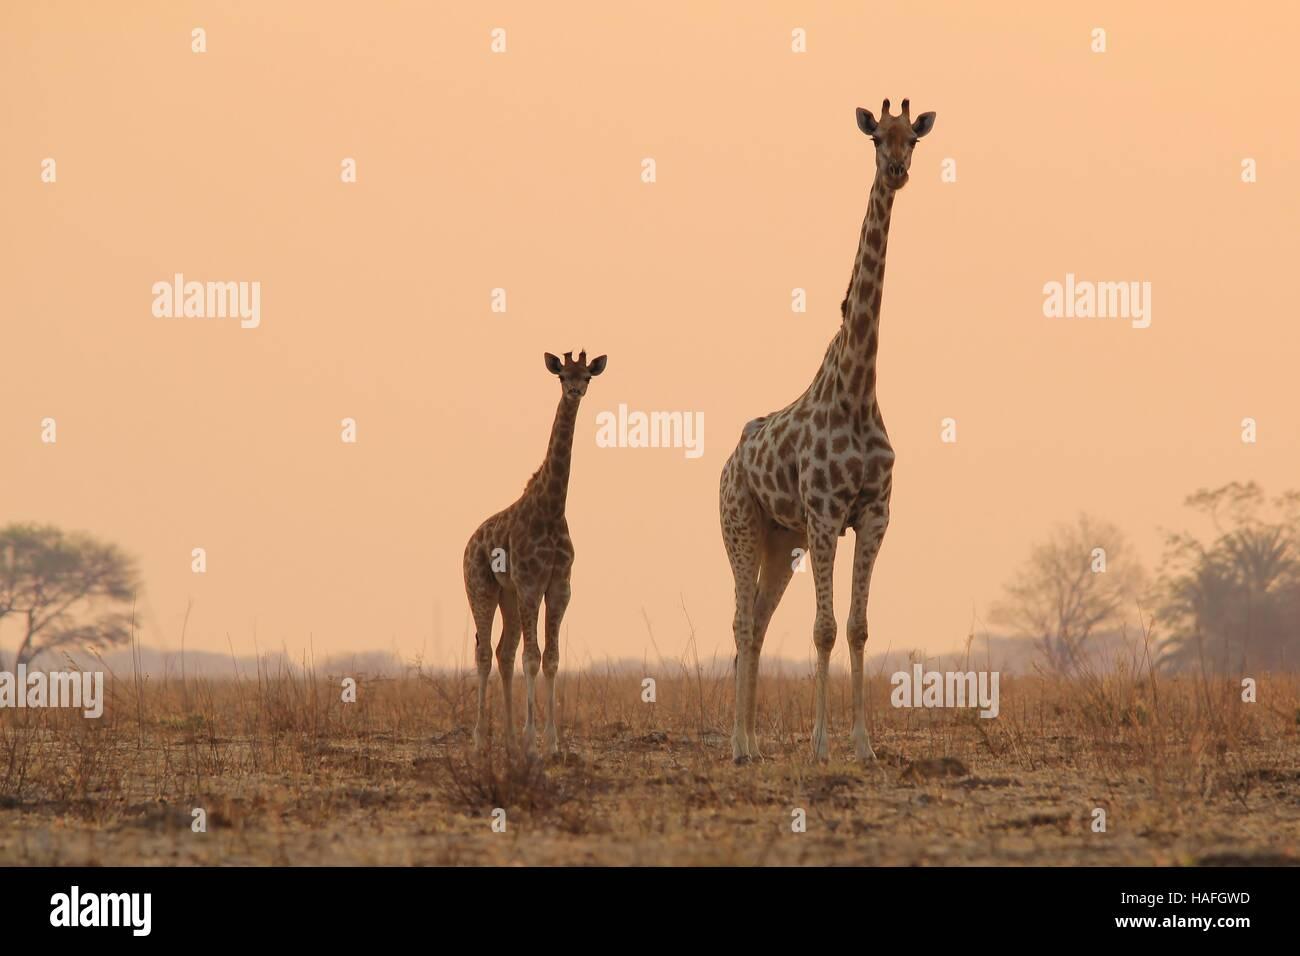 Giraffe - afrikanische Tierwelt-Hintergrund - Sunset Bliss Tierbabys und Mamas Tiere in freier Wildbahn Stockbild